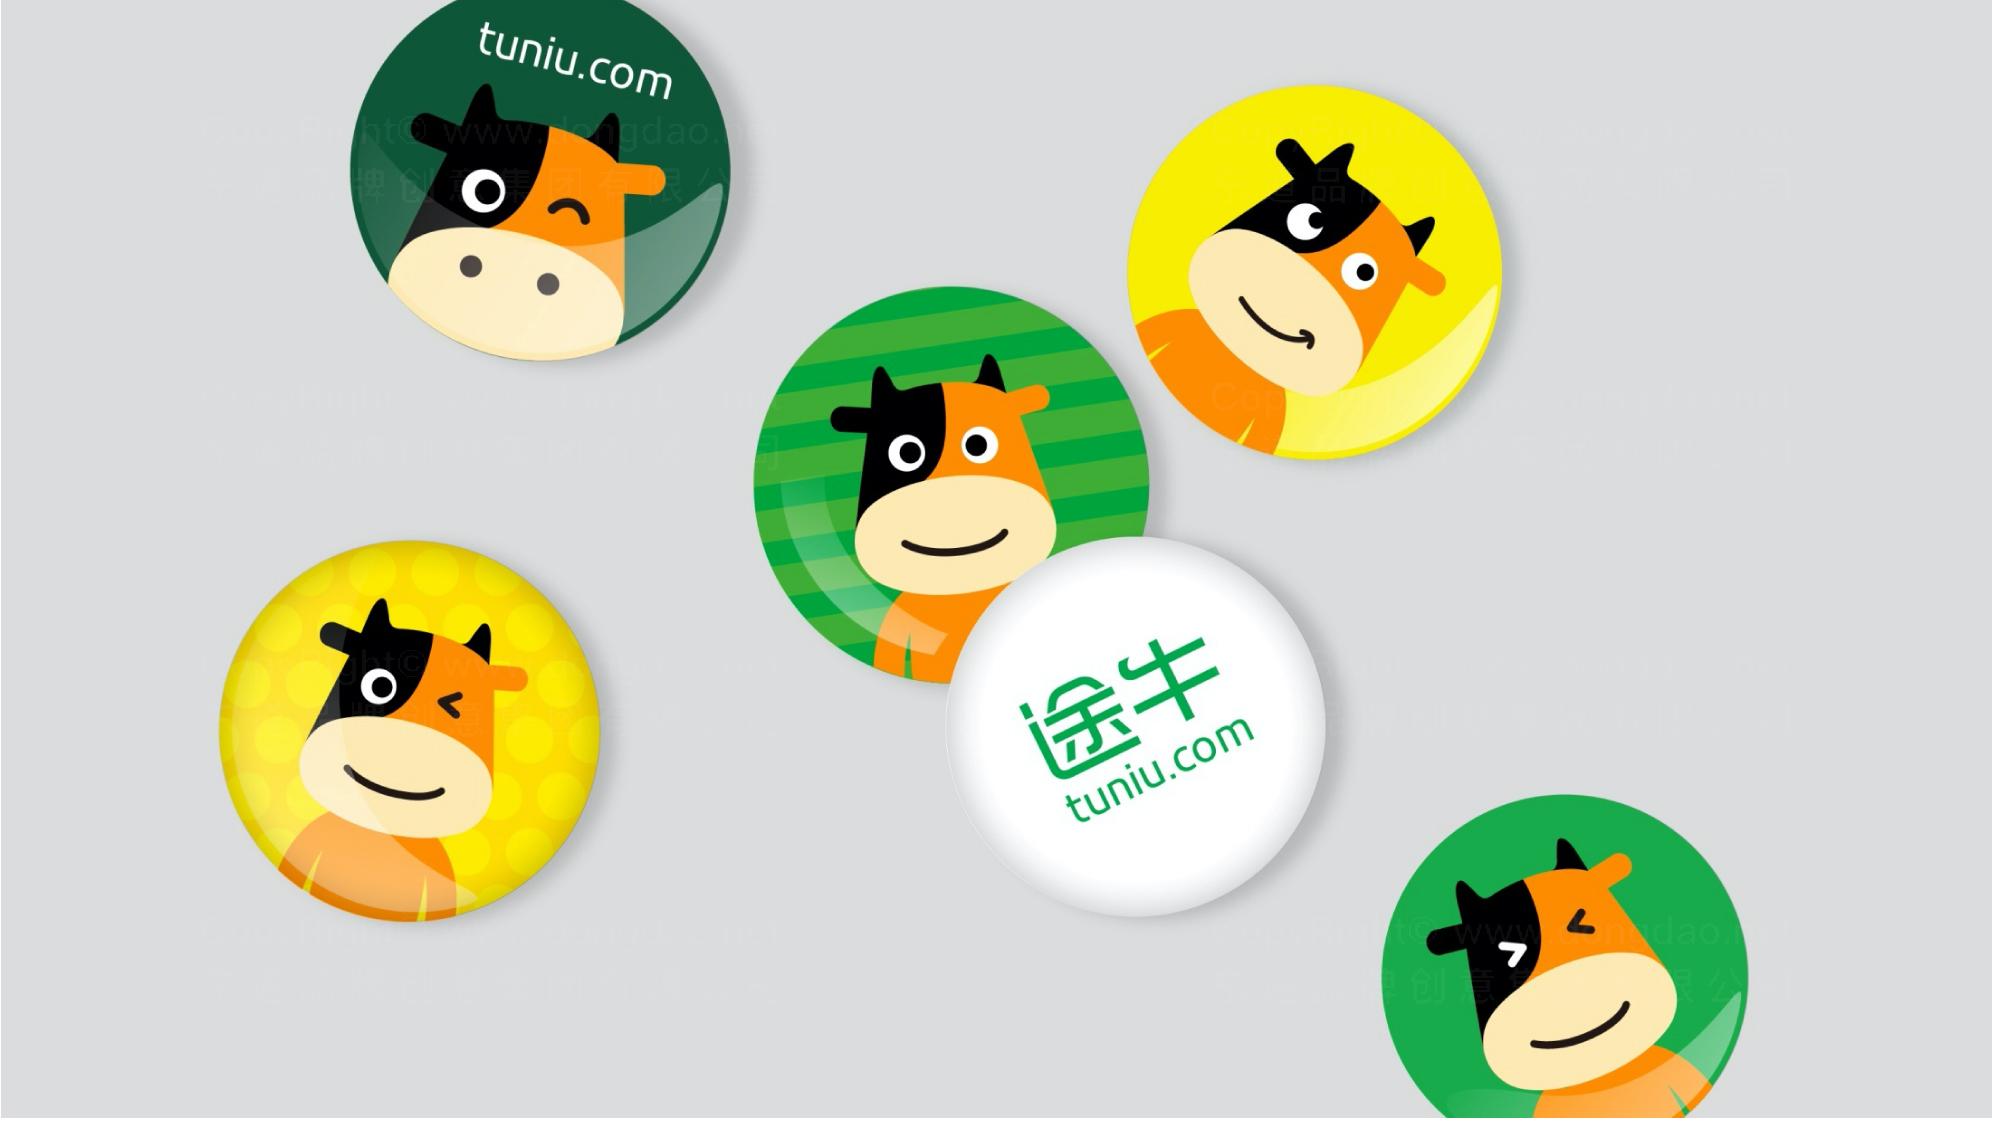 品牌设计途牛旅游网LOGO&VI设计应用场景_4